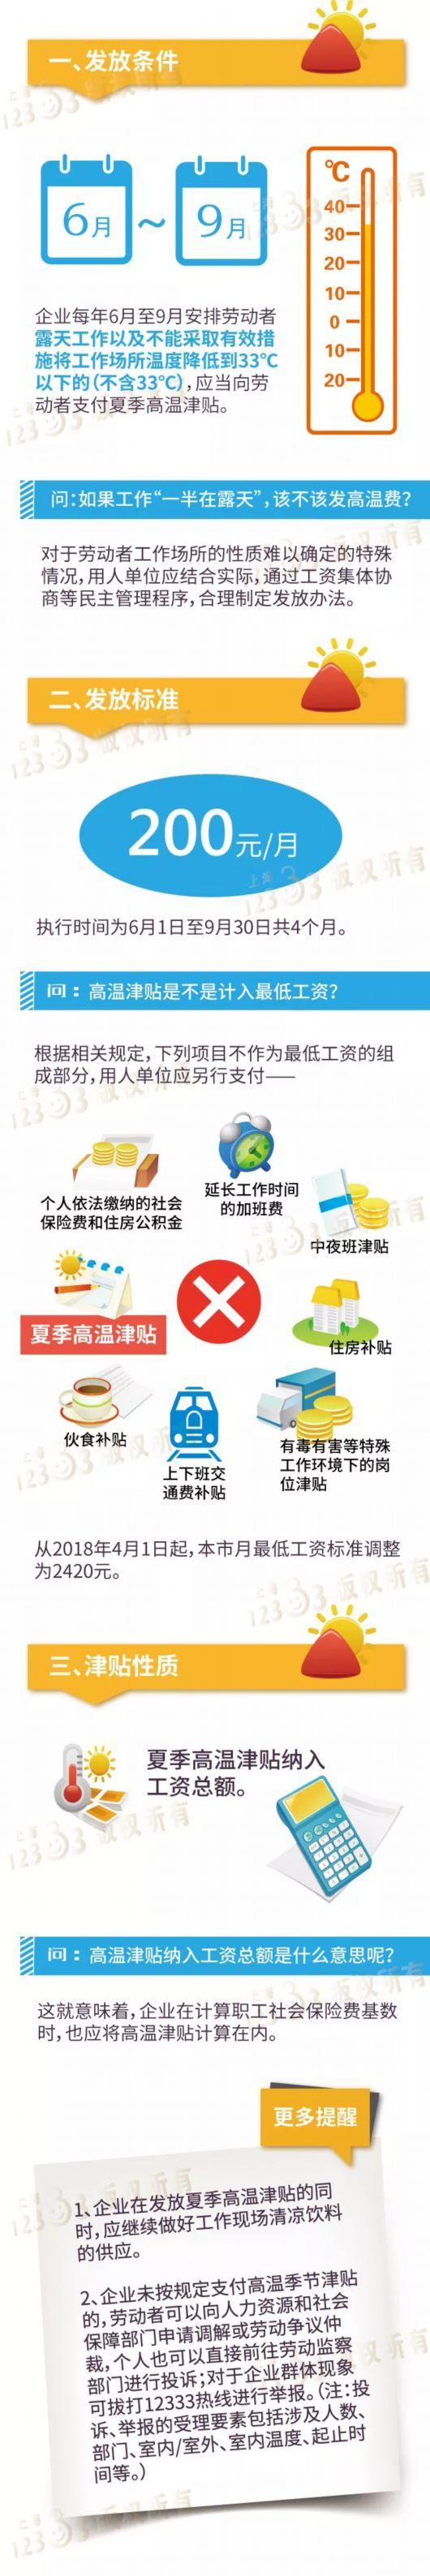 2018上海高温津贴何时发放 如何领取?